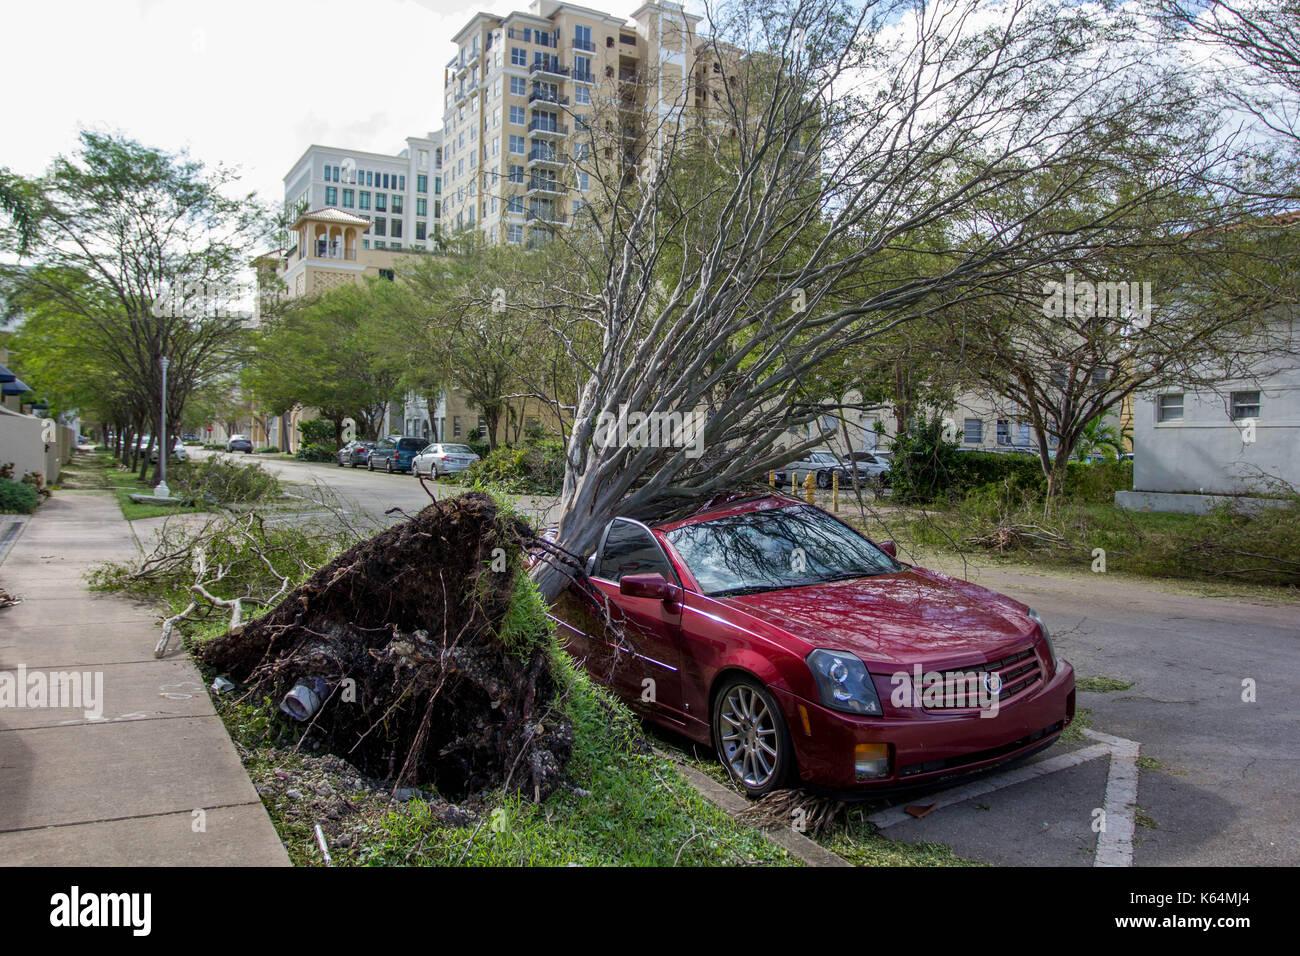 Miami, Florida, EUA. Xi sep, 2017. um carro é esmagado sob uma árvore de populações desenraizadas na sequência do furacão irma em Miami, FL, segunda-feira, 11 de setembro de 2017. crédito: Michael candelori/alamy notícias ao vivo Imagens de Stock